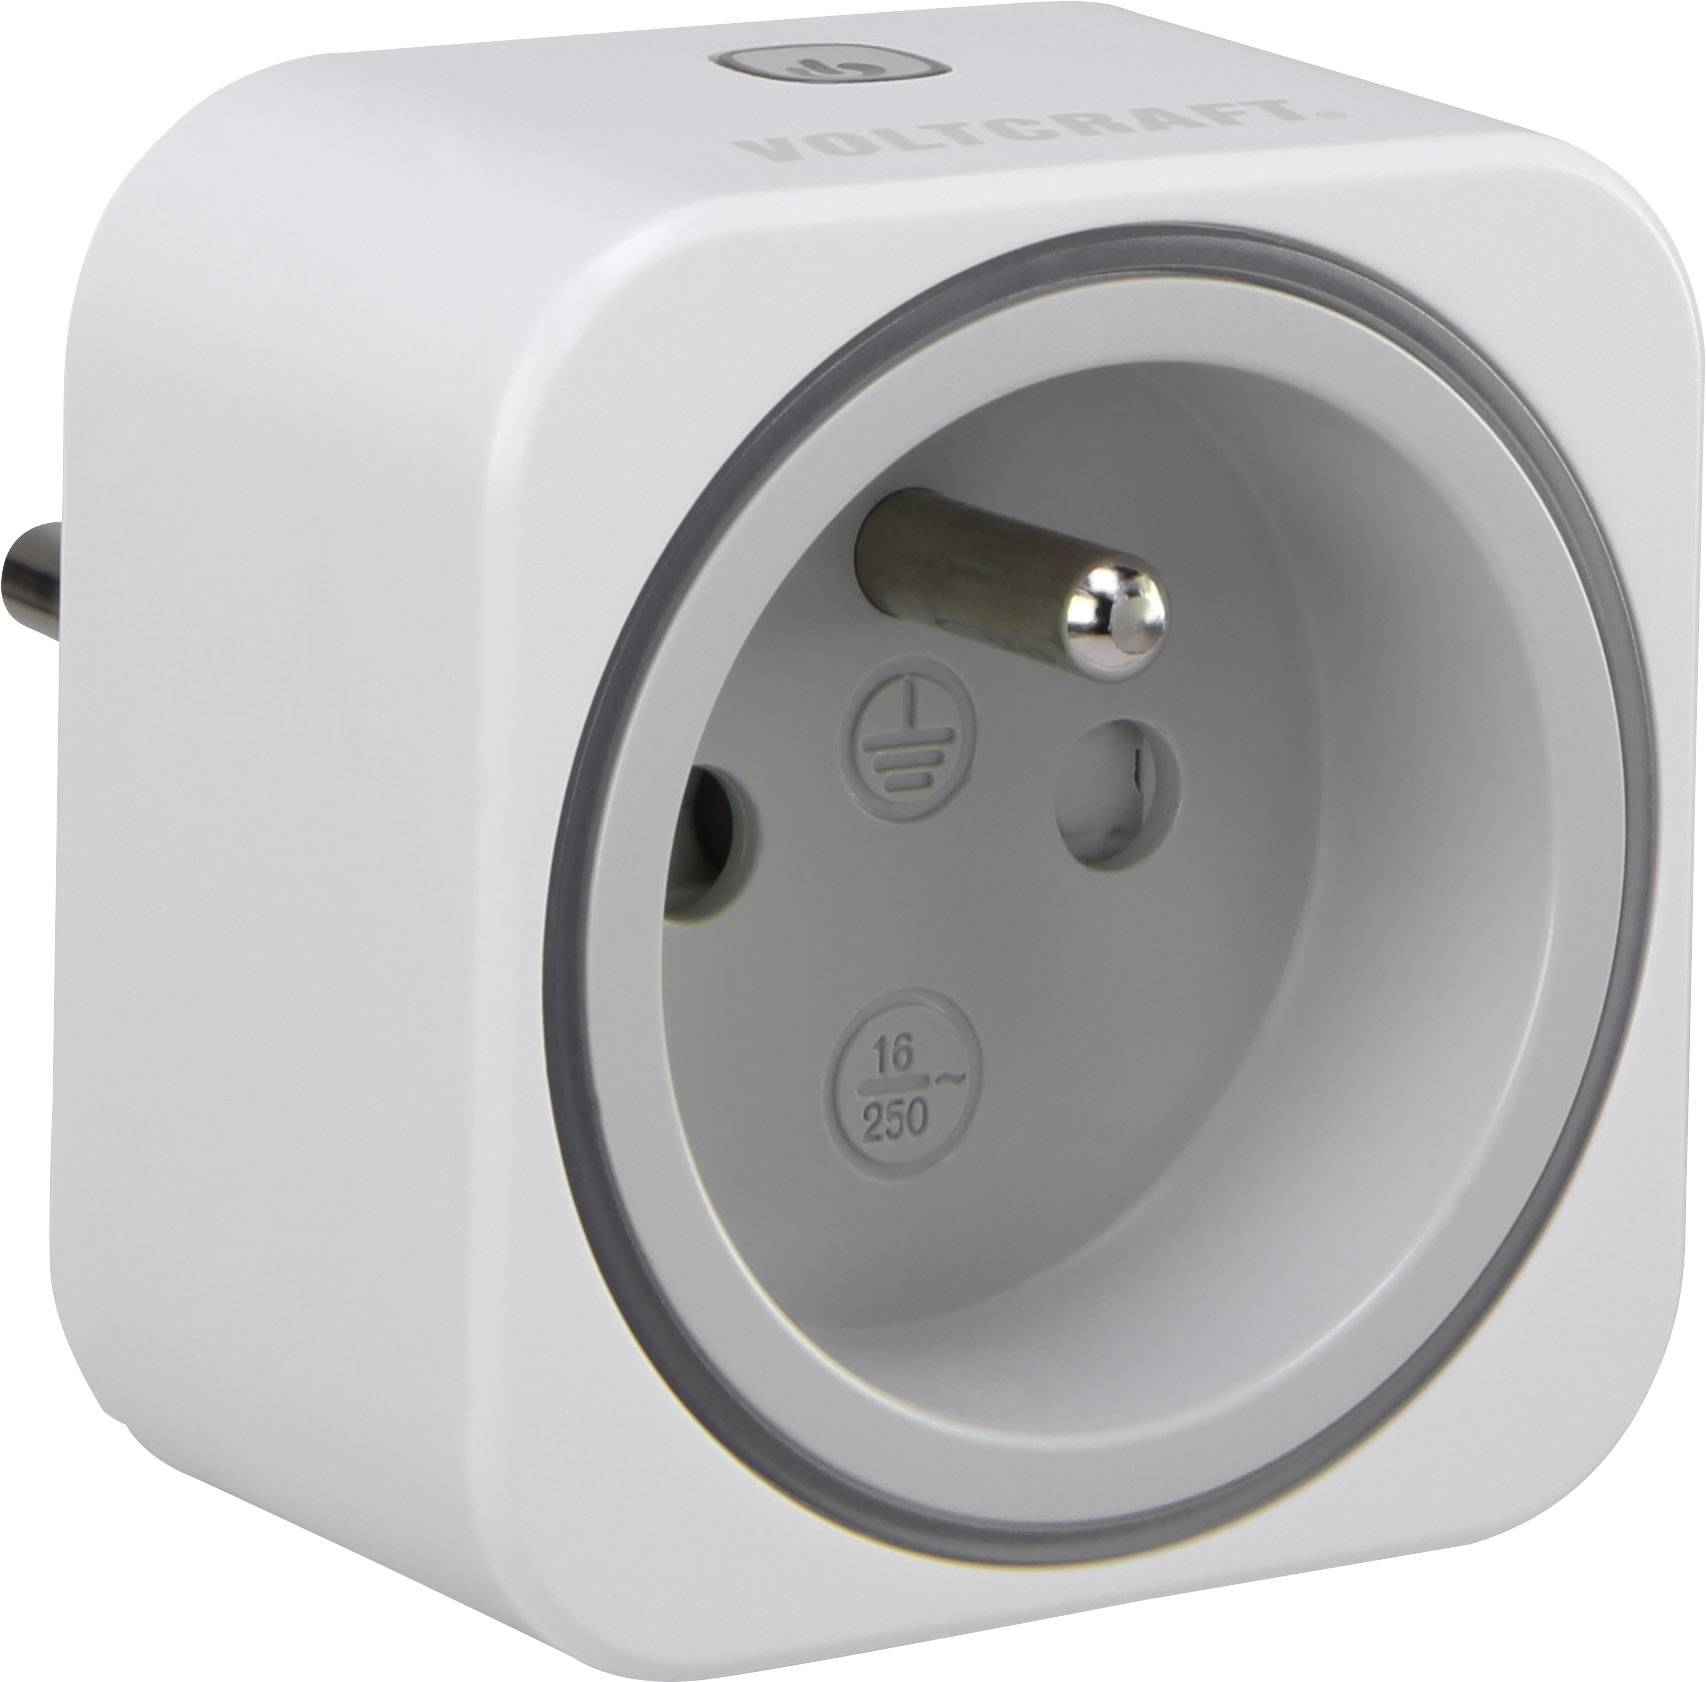 Zásuvkový měřič spotřeby el. energie a spínací zásuvka 2v1 VOLTCRAFT SEM6000FR, s Bluetooth, CZ verze